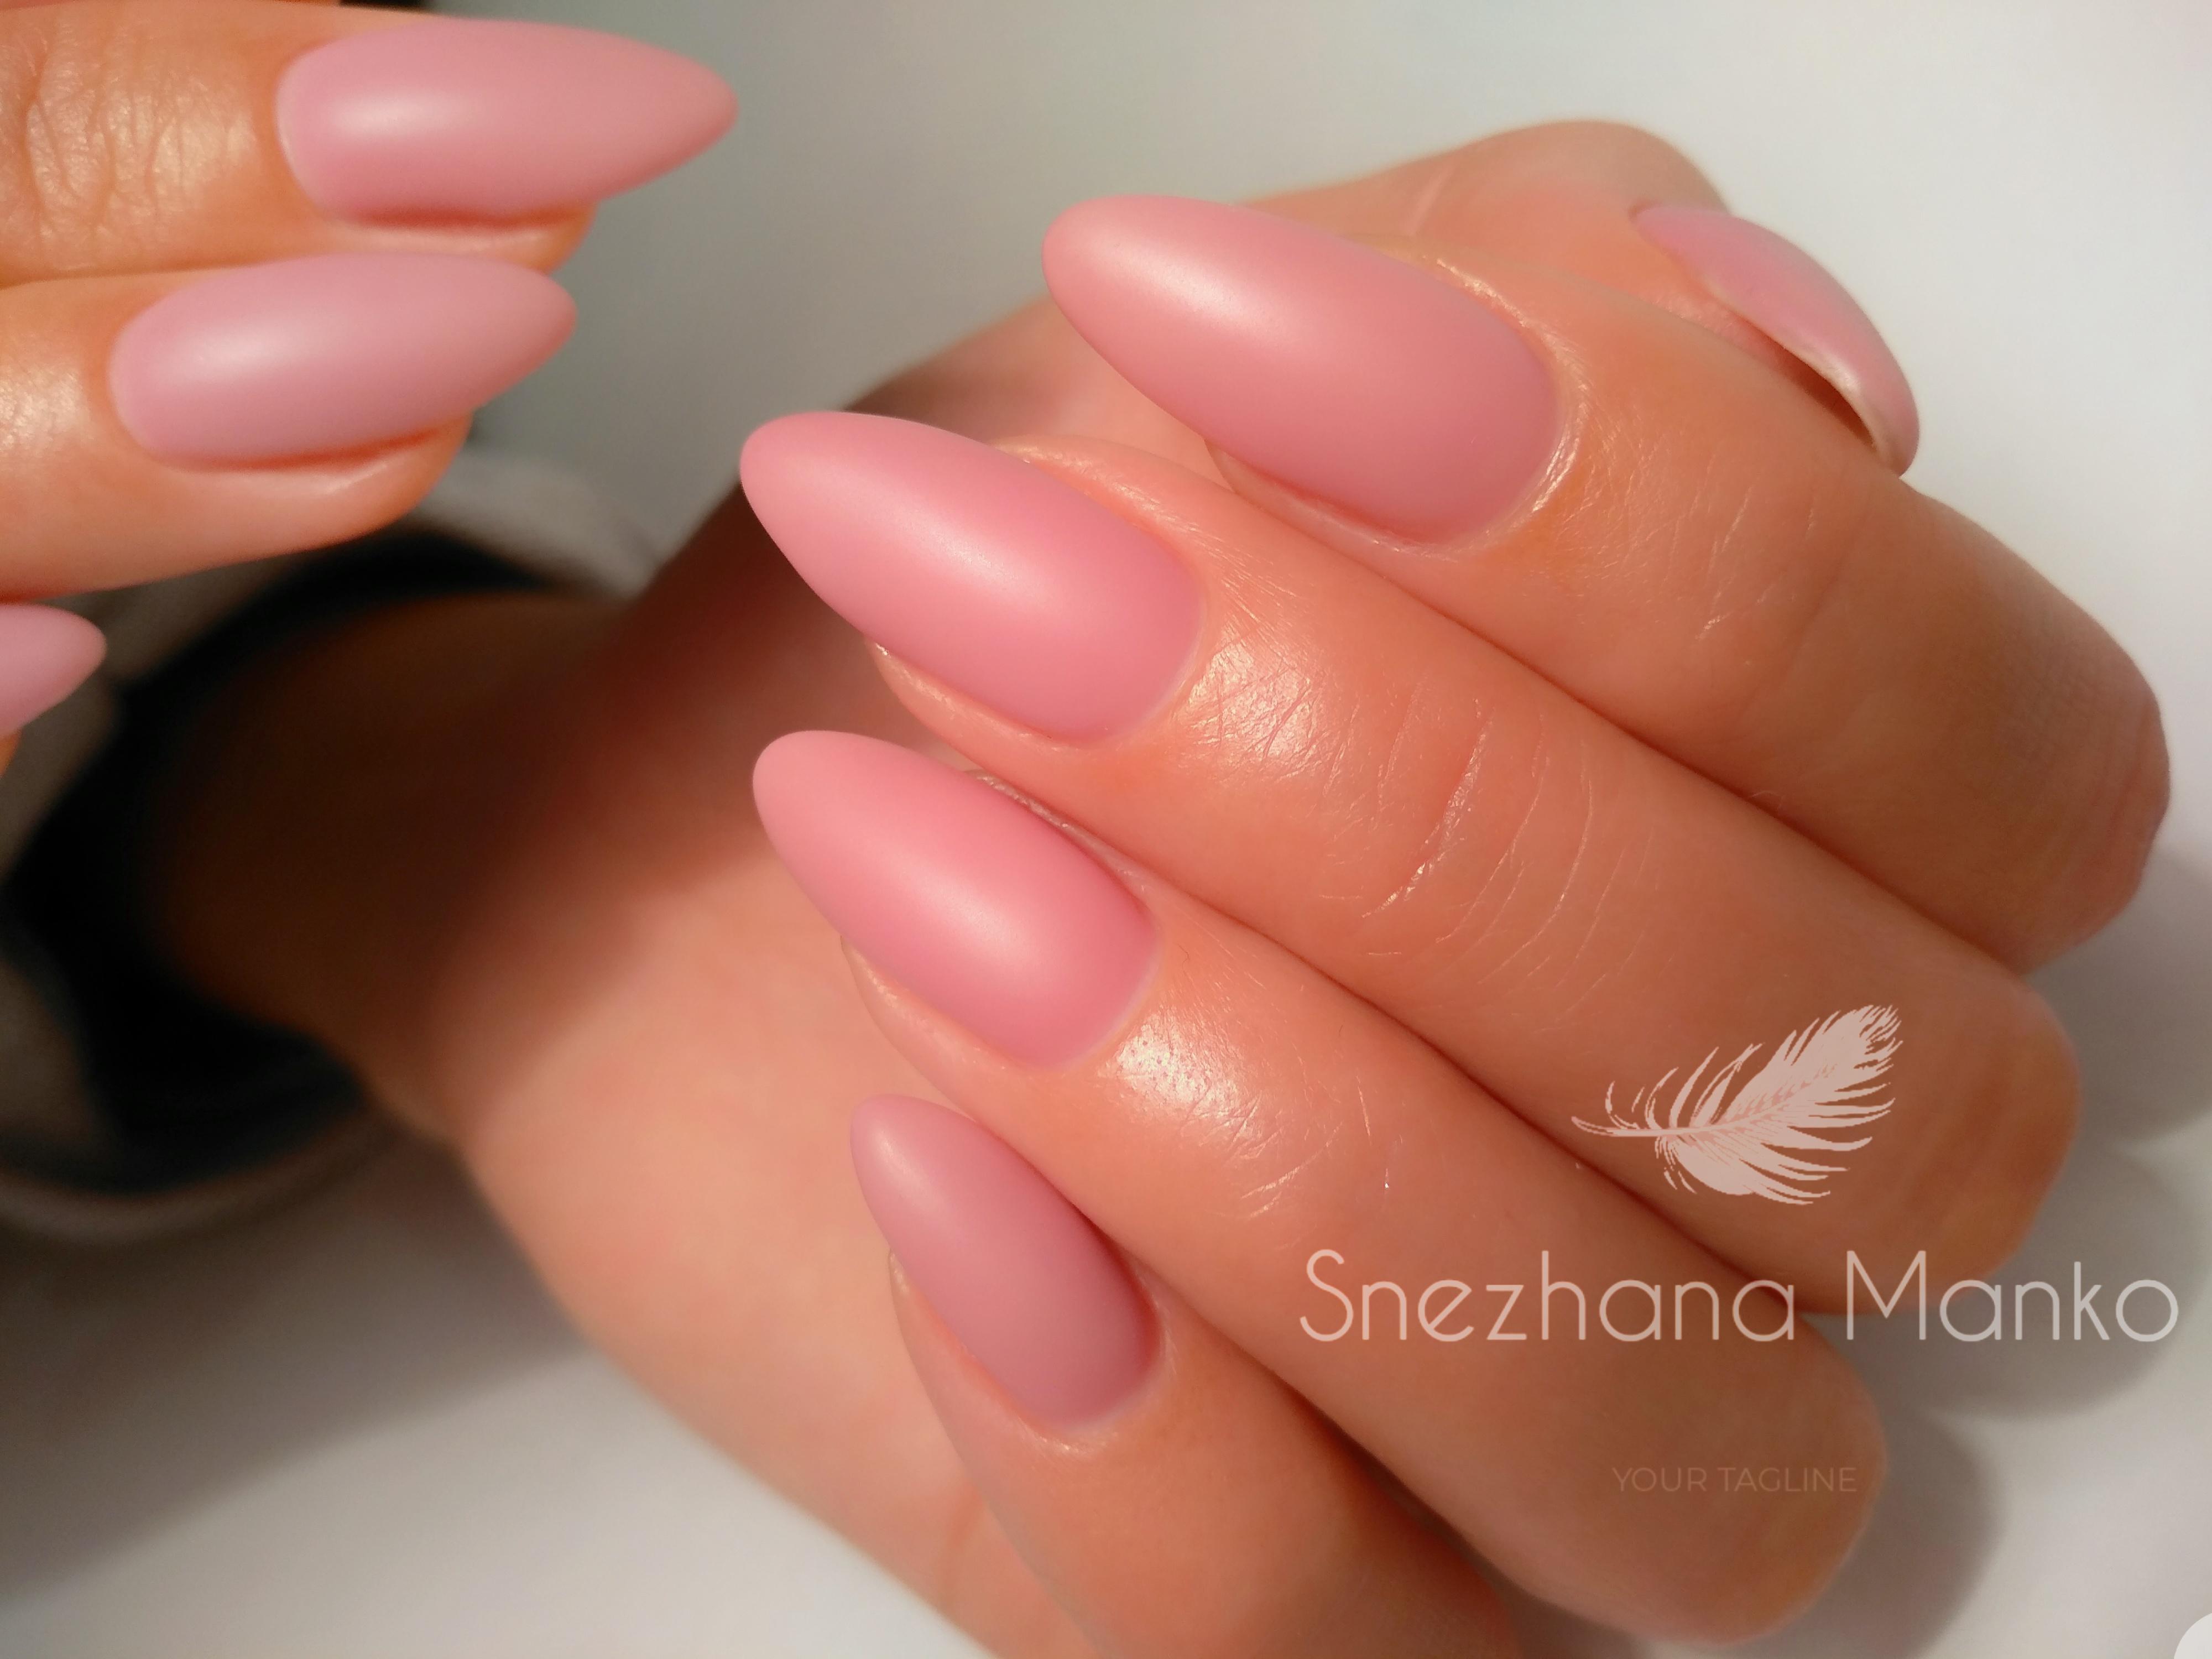 Матовый однотонный маникюр в розовом цвете на длинных ногтях.